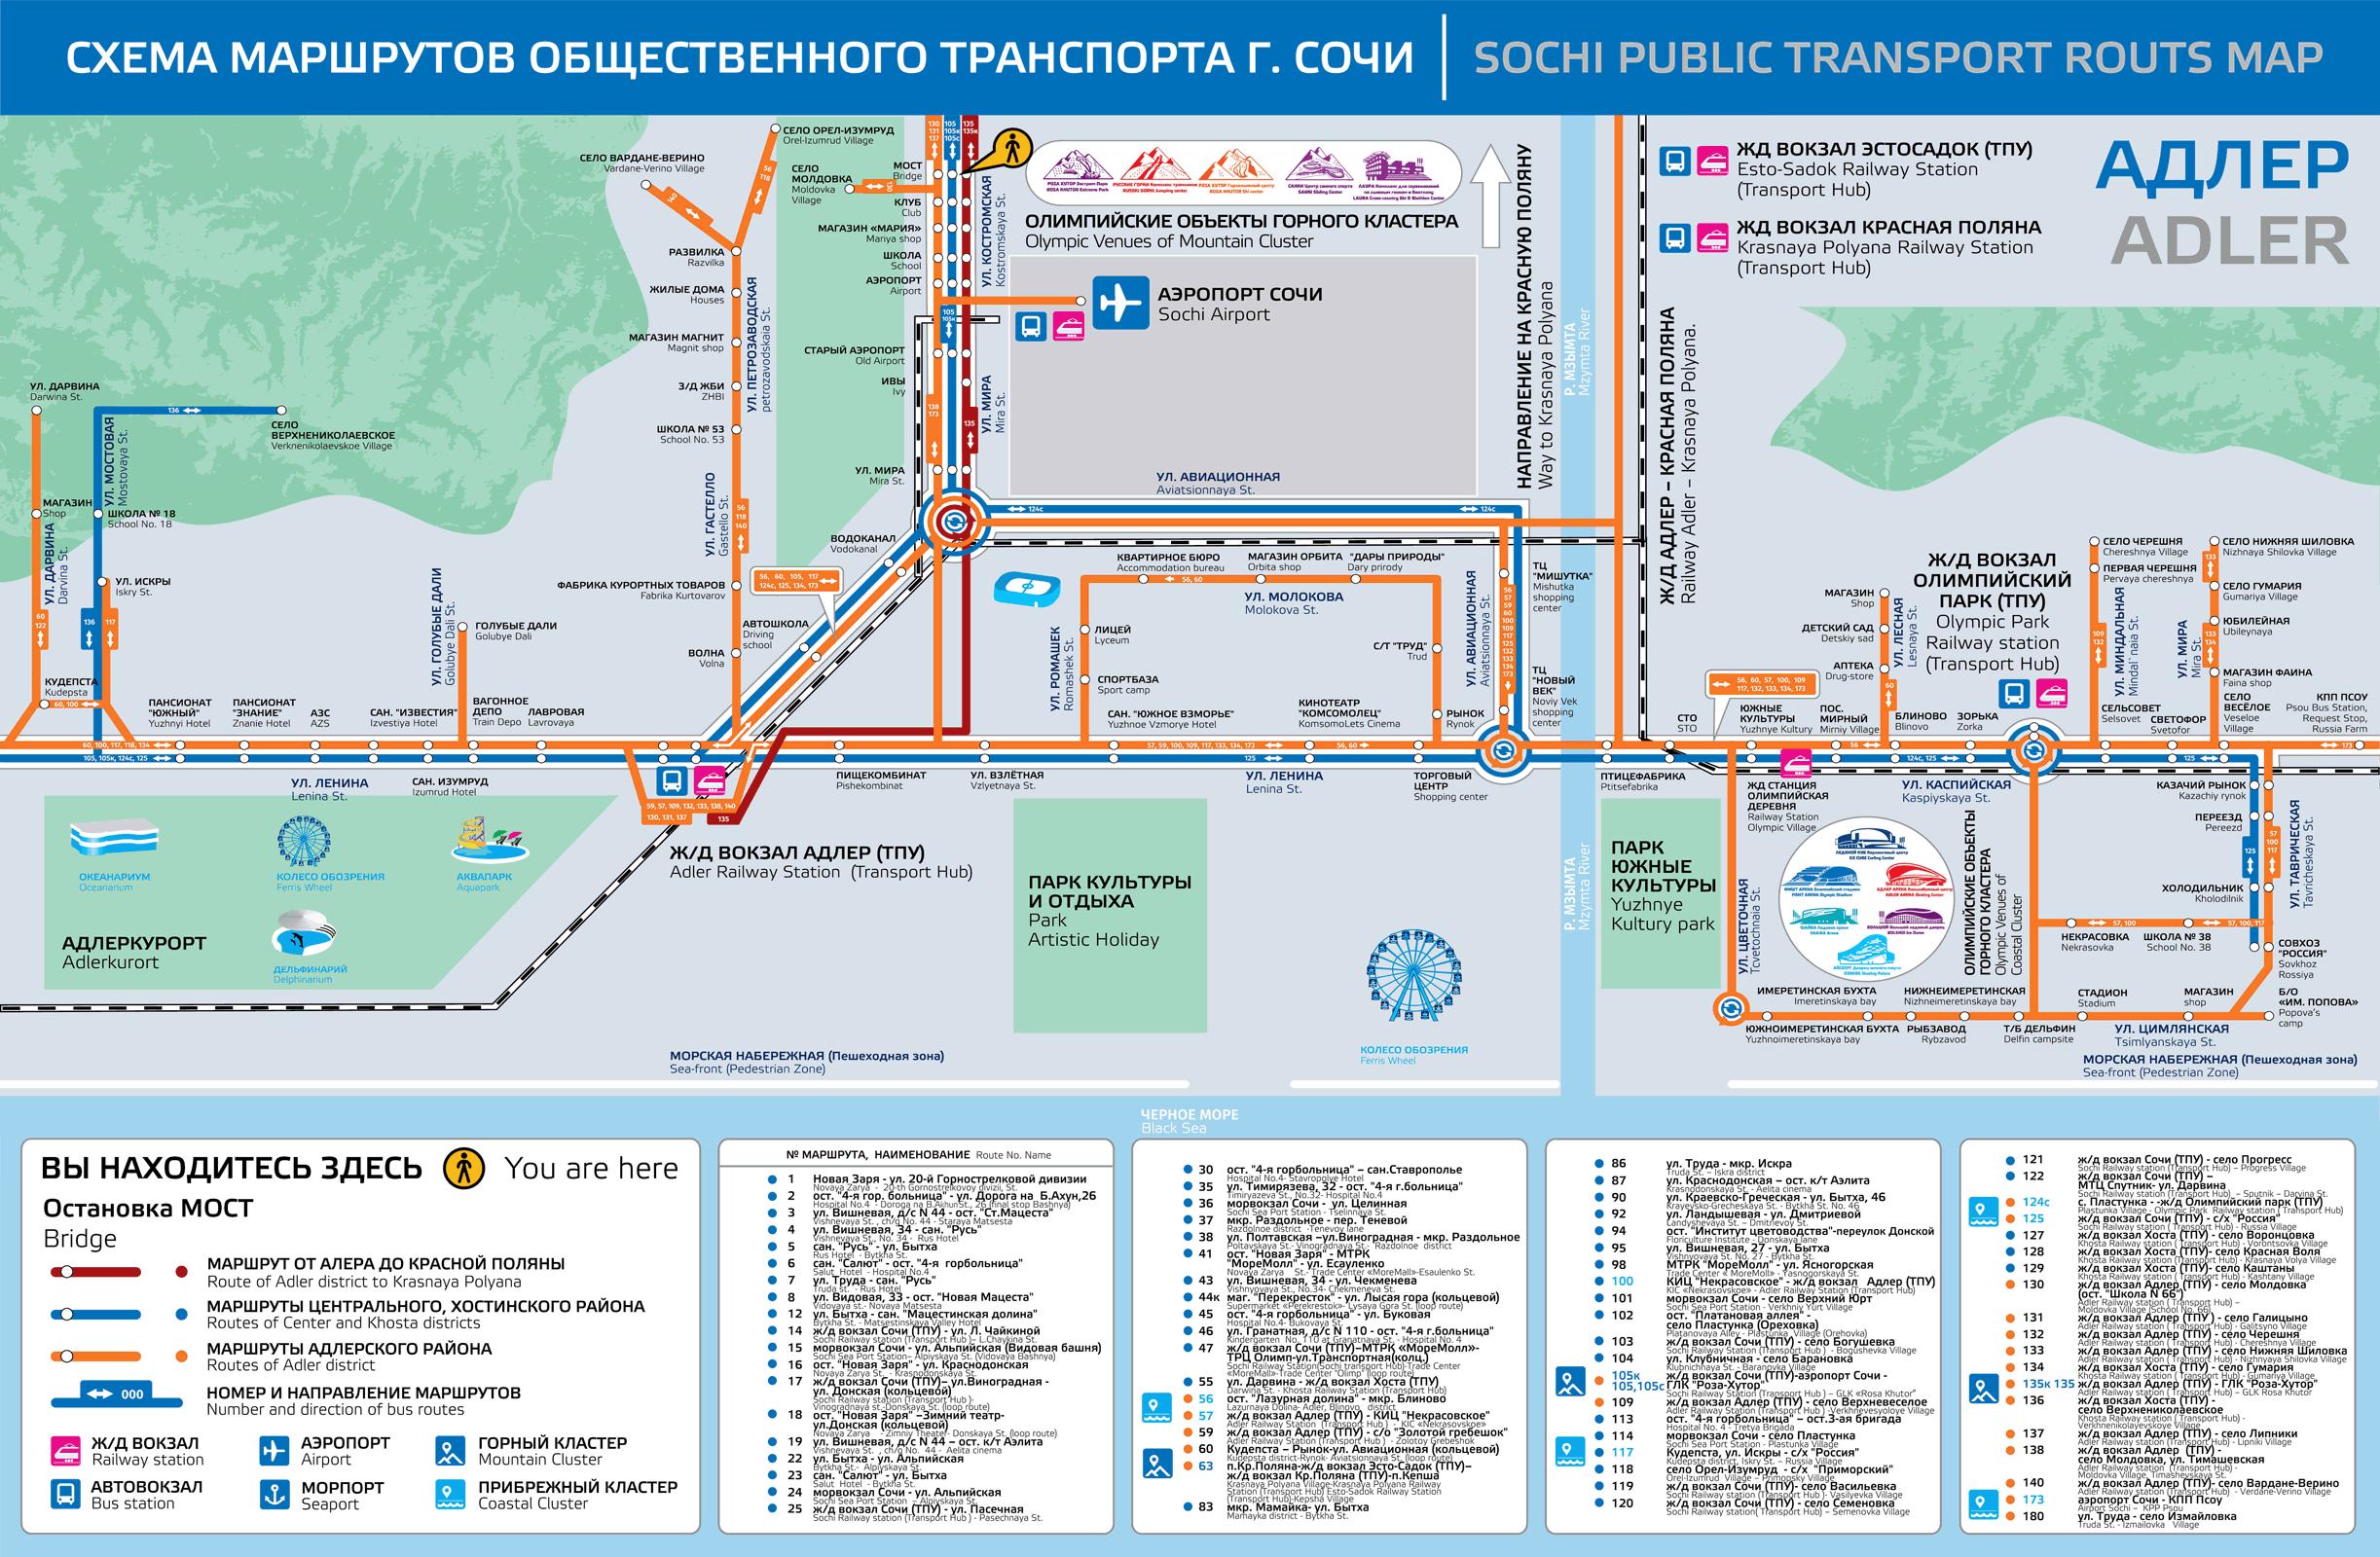 Схема маршрутов общественного транспорта г. Сочи